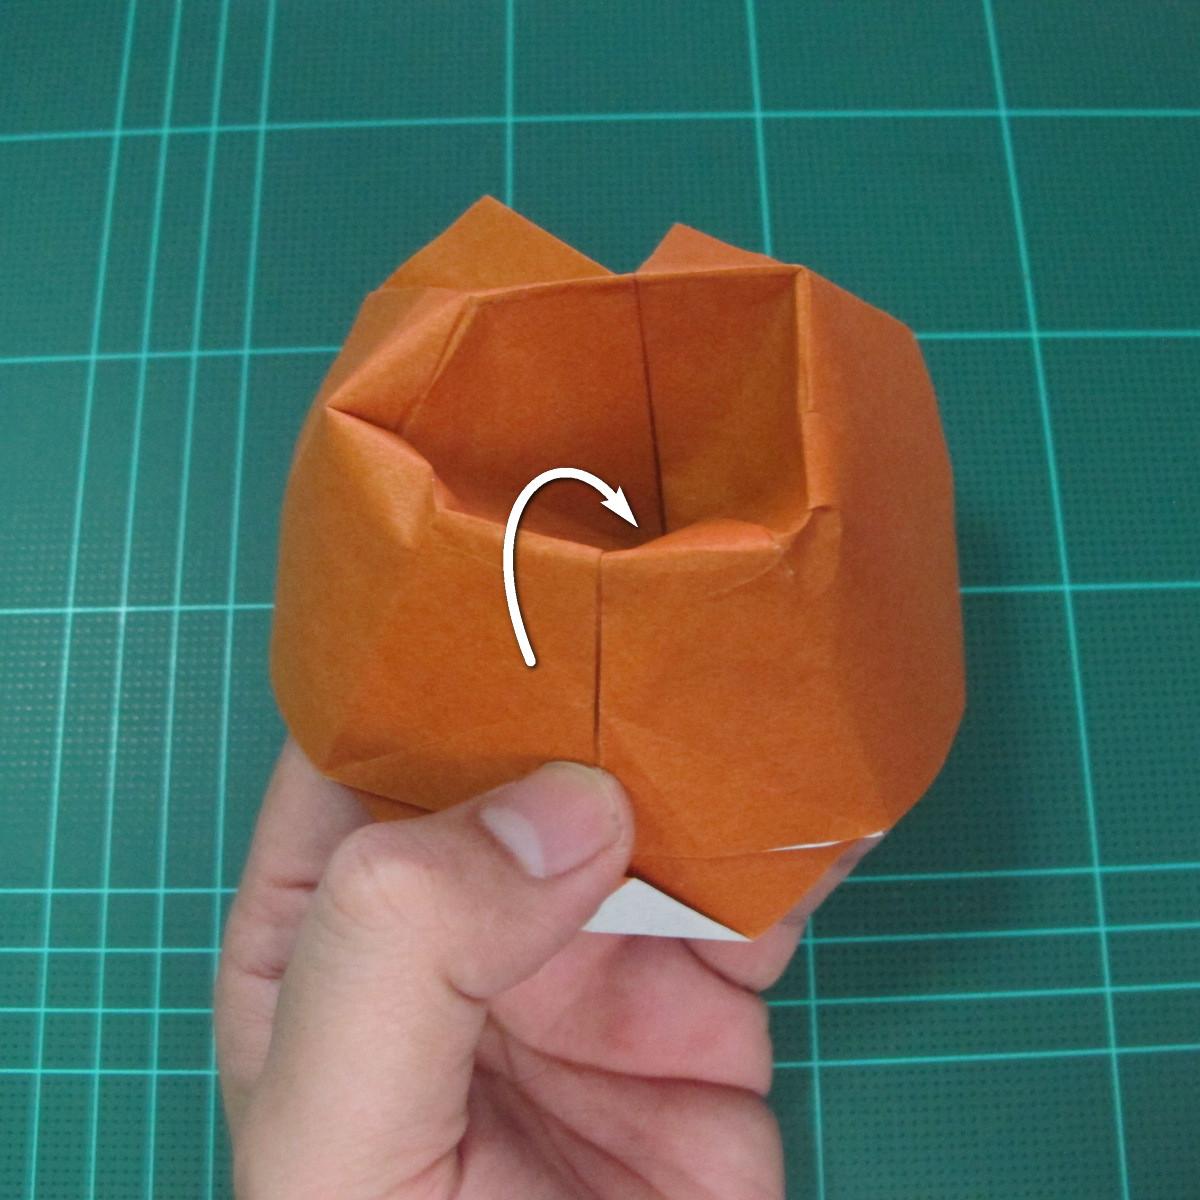 การพับกระดาษเป็นที่คั่นหนังสือหมีแว่น (Spectacled Bear Origami)  โดย Diego Quevedo 022